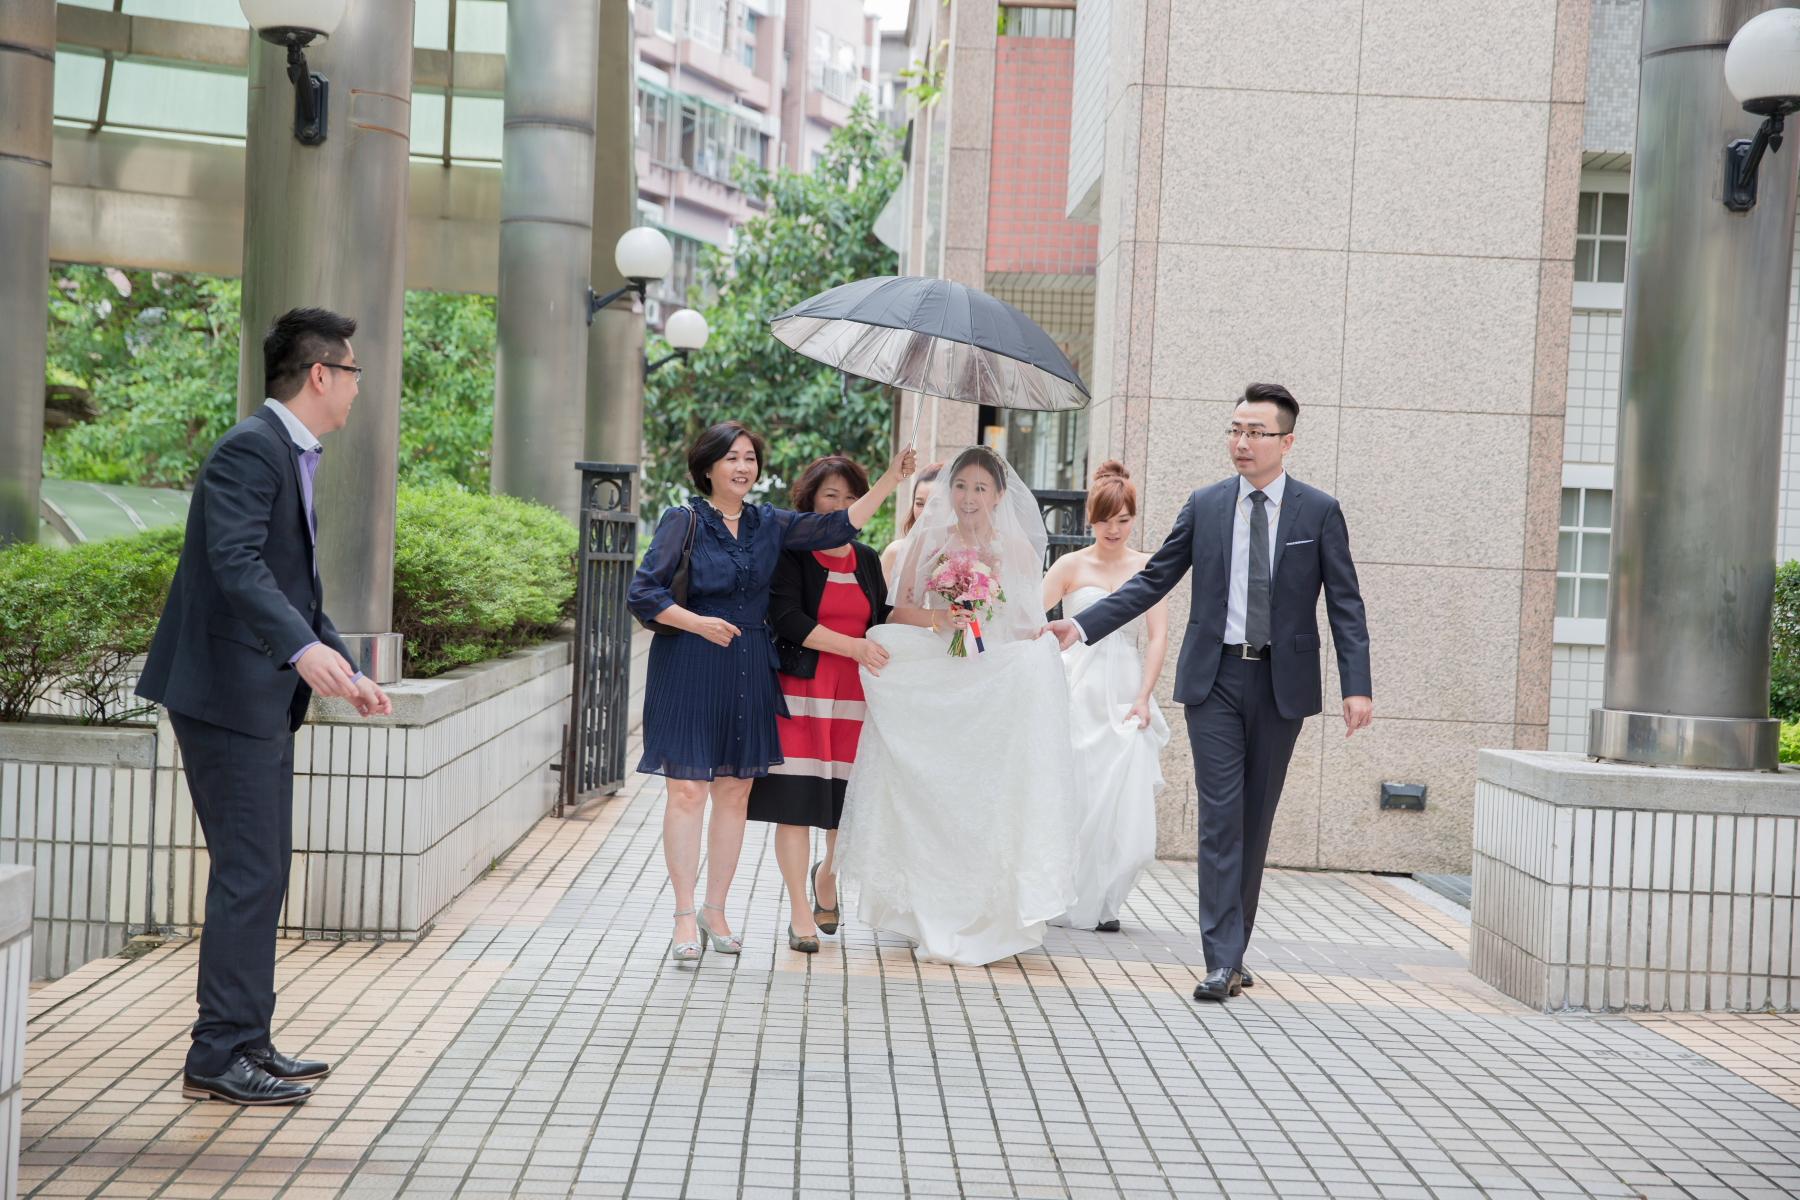 鴻璿鈺婷婚禮356